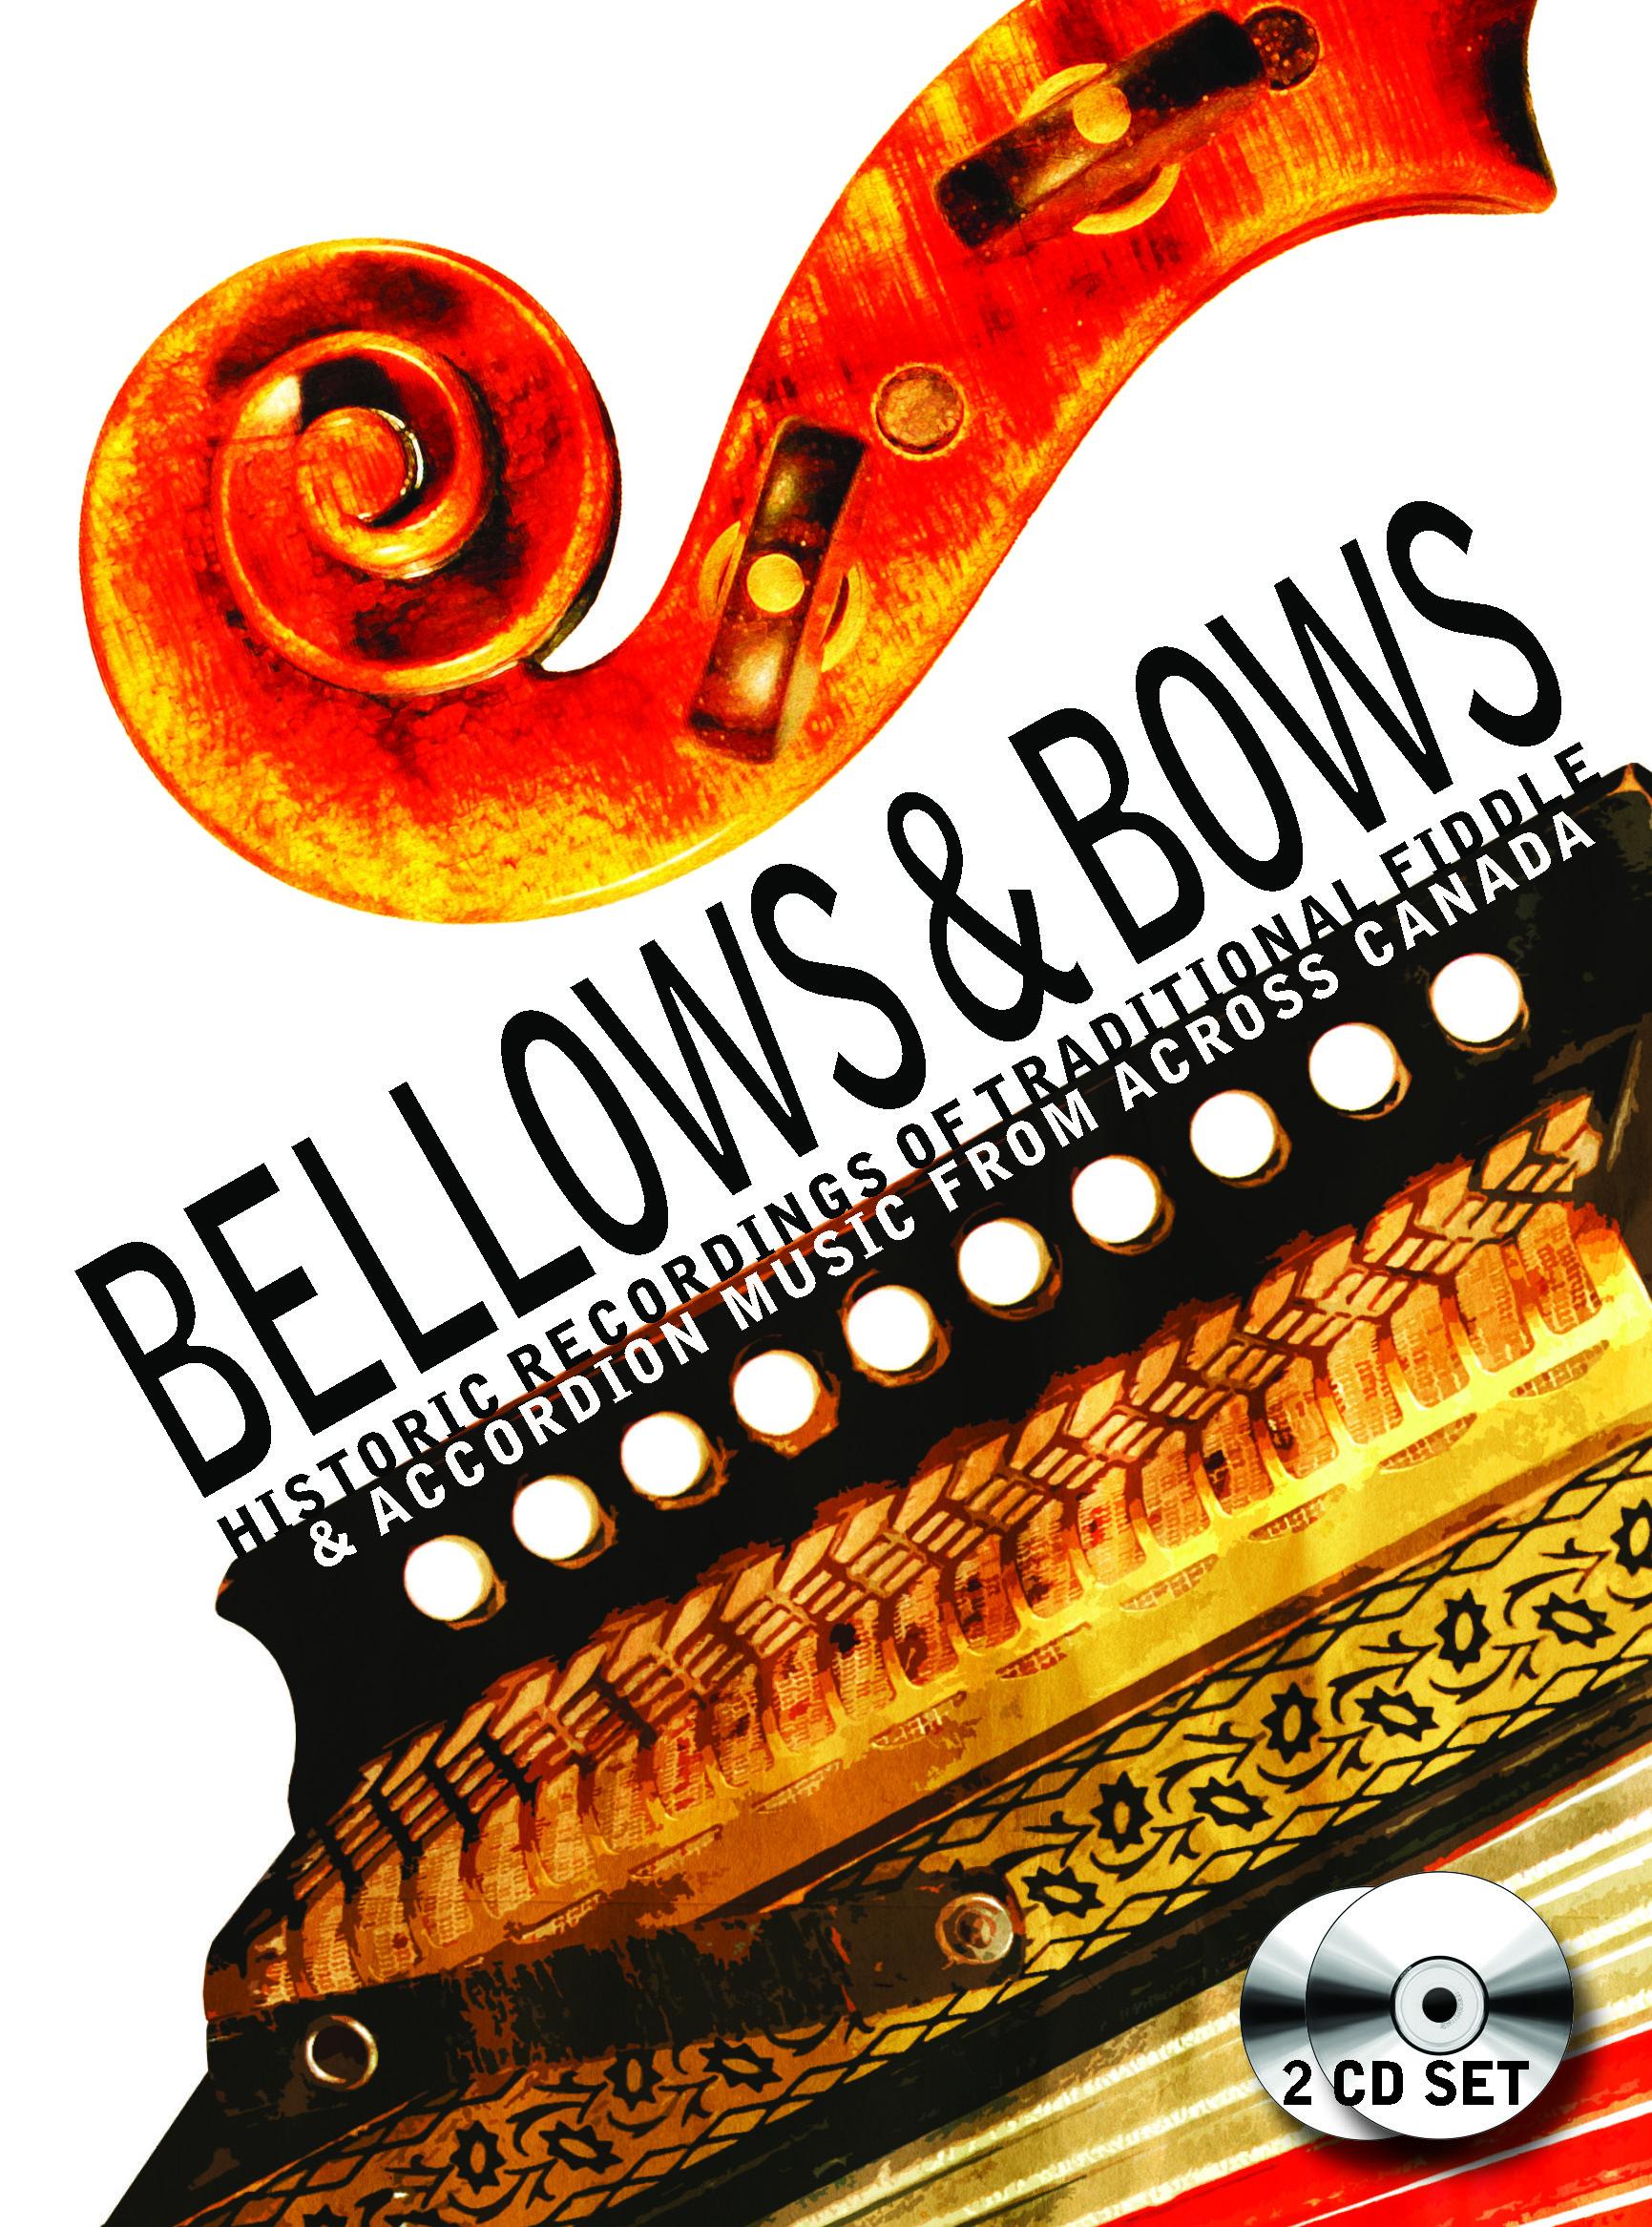 Bellows & Bows: Historic Recordings of Fiddle and Accordion Music from Across Canada/ Soufflets et Archets: Enregistrements Historiques de Musique Traditionelle pour Violon et Accordéon du Canada